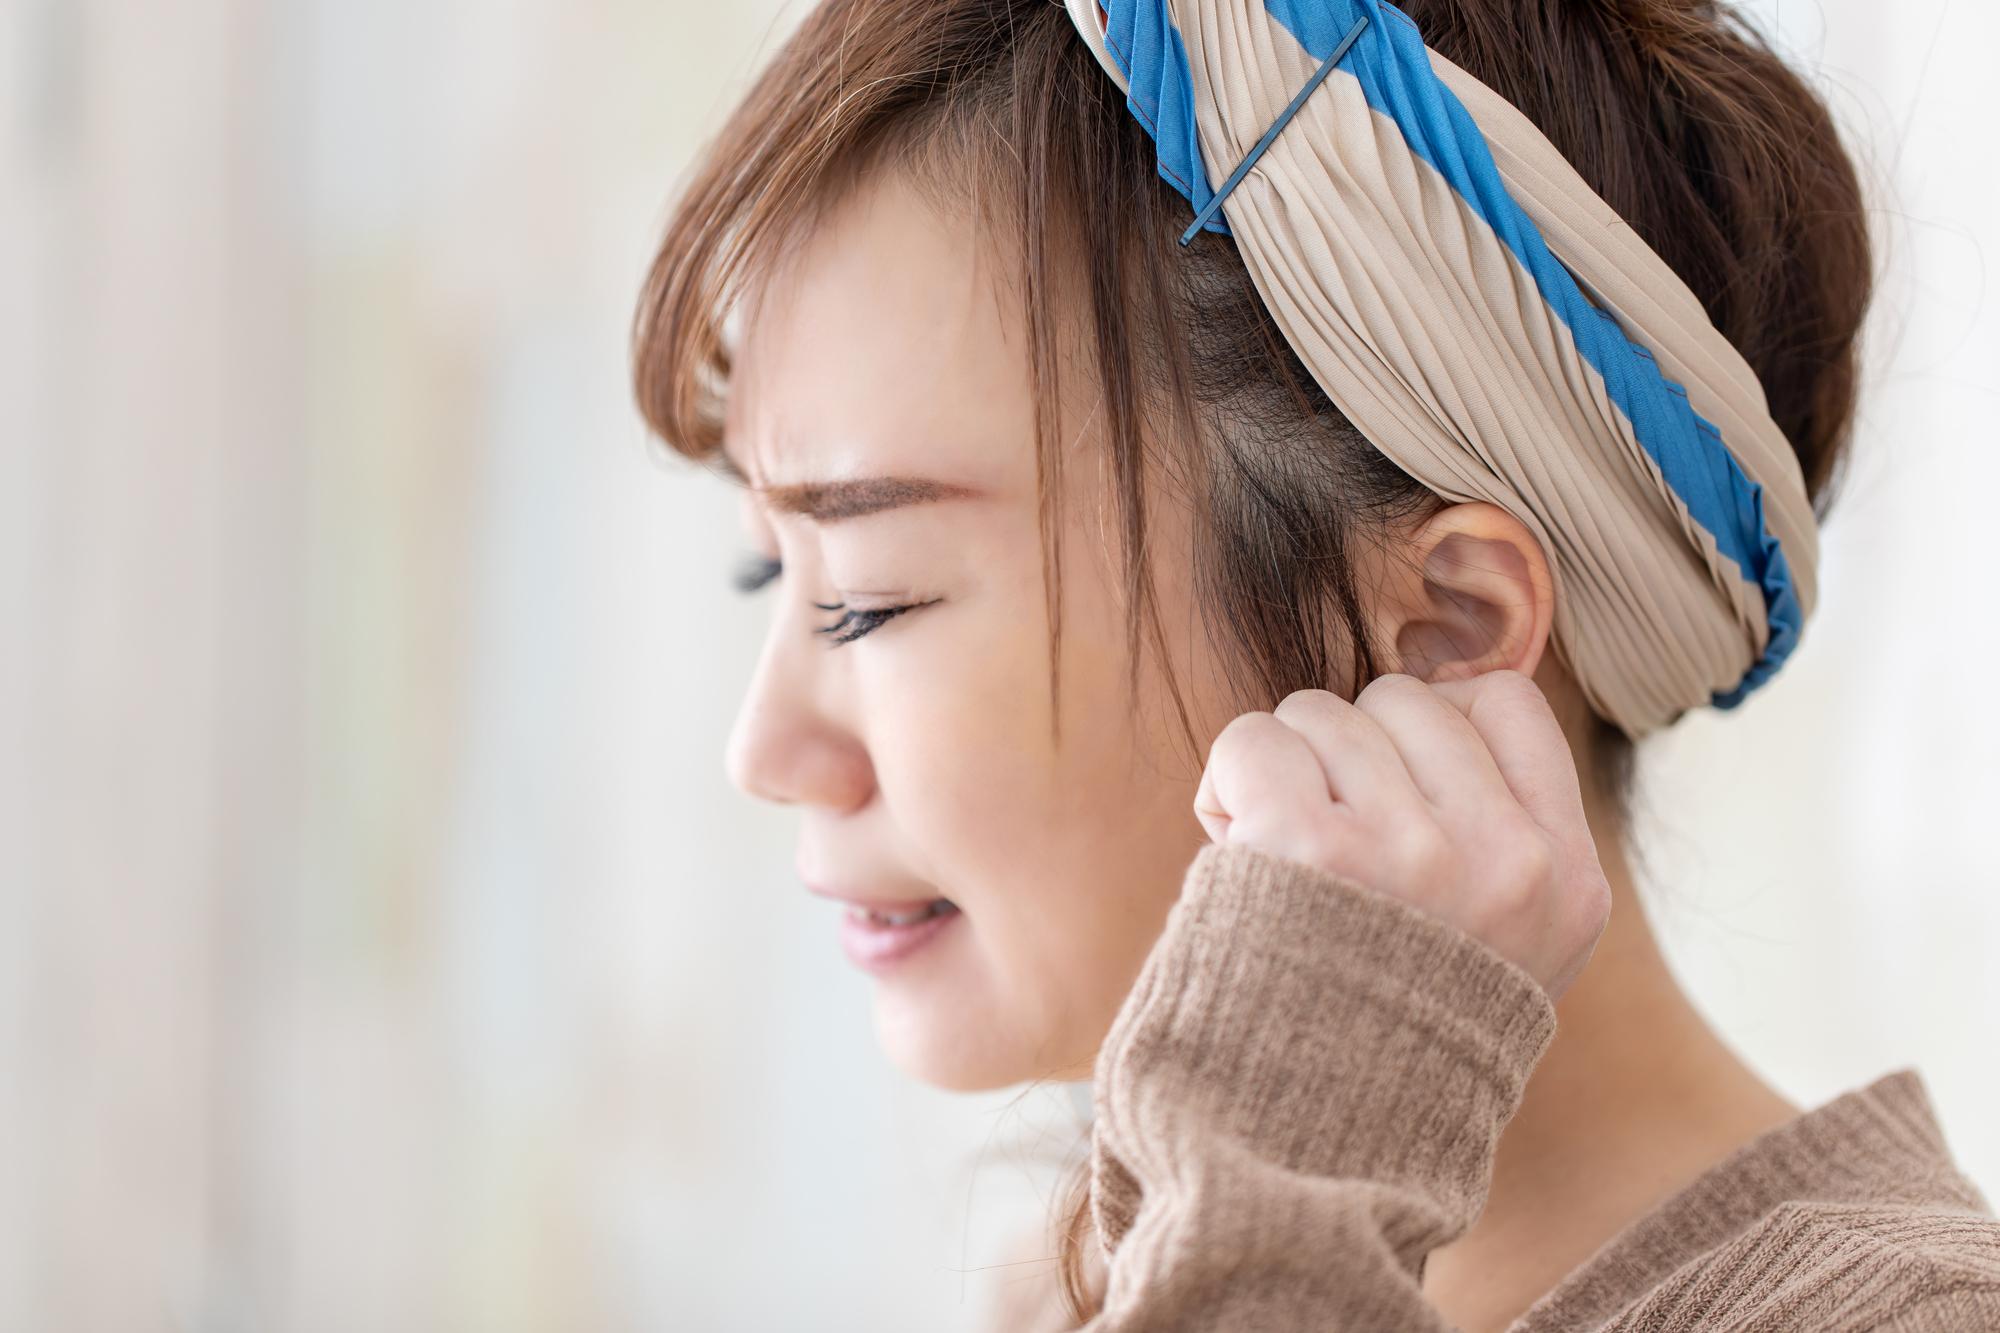 中 耳 痙攣 の